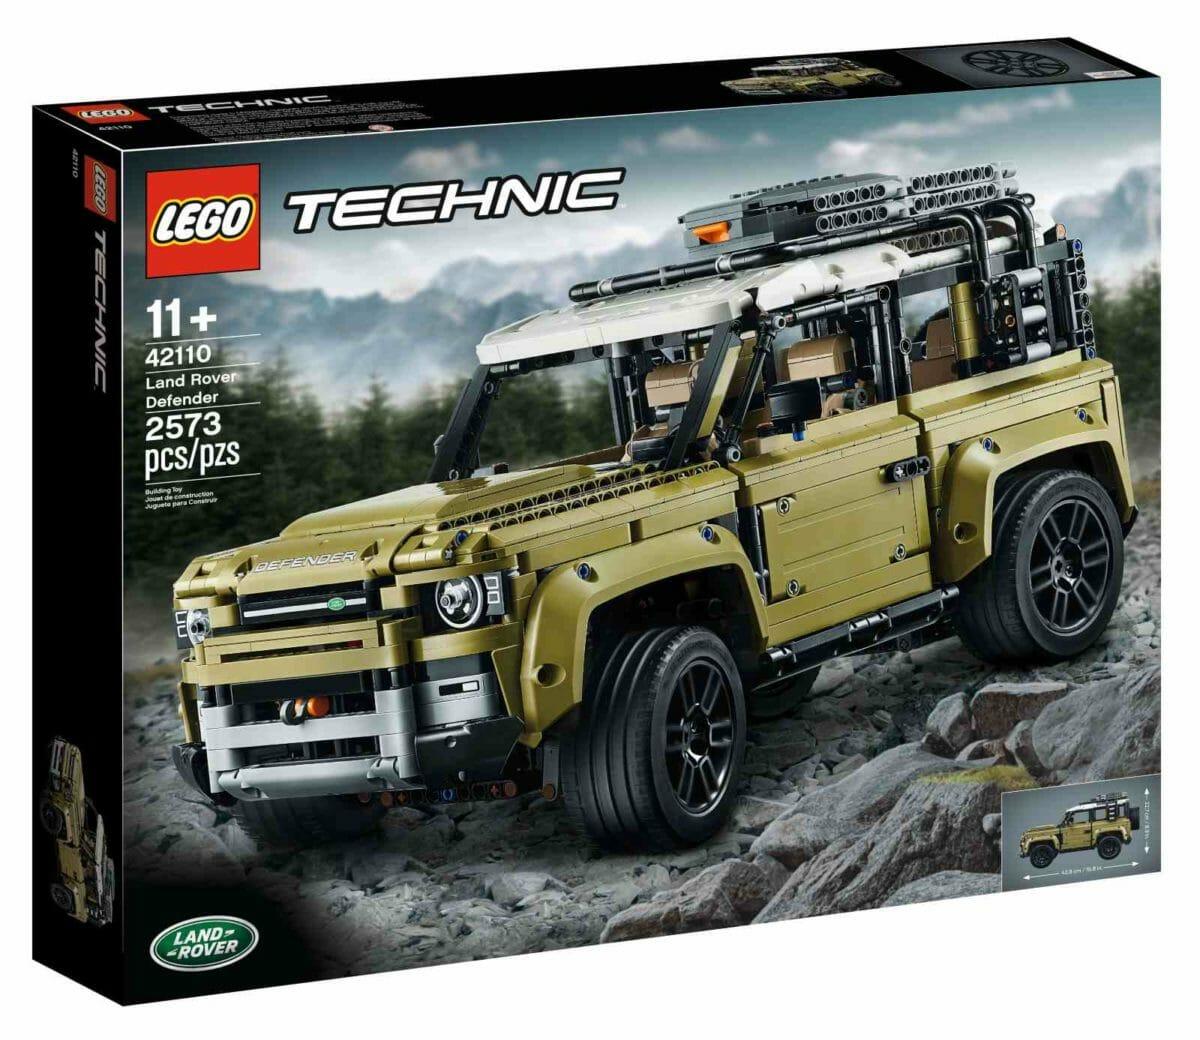 LEGO Land Rover Defender 2